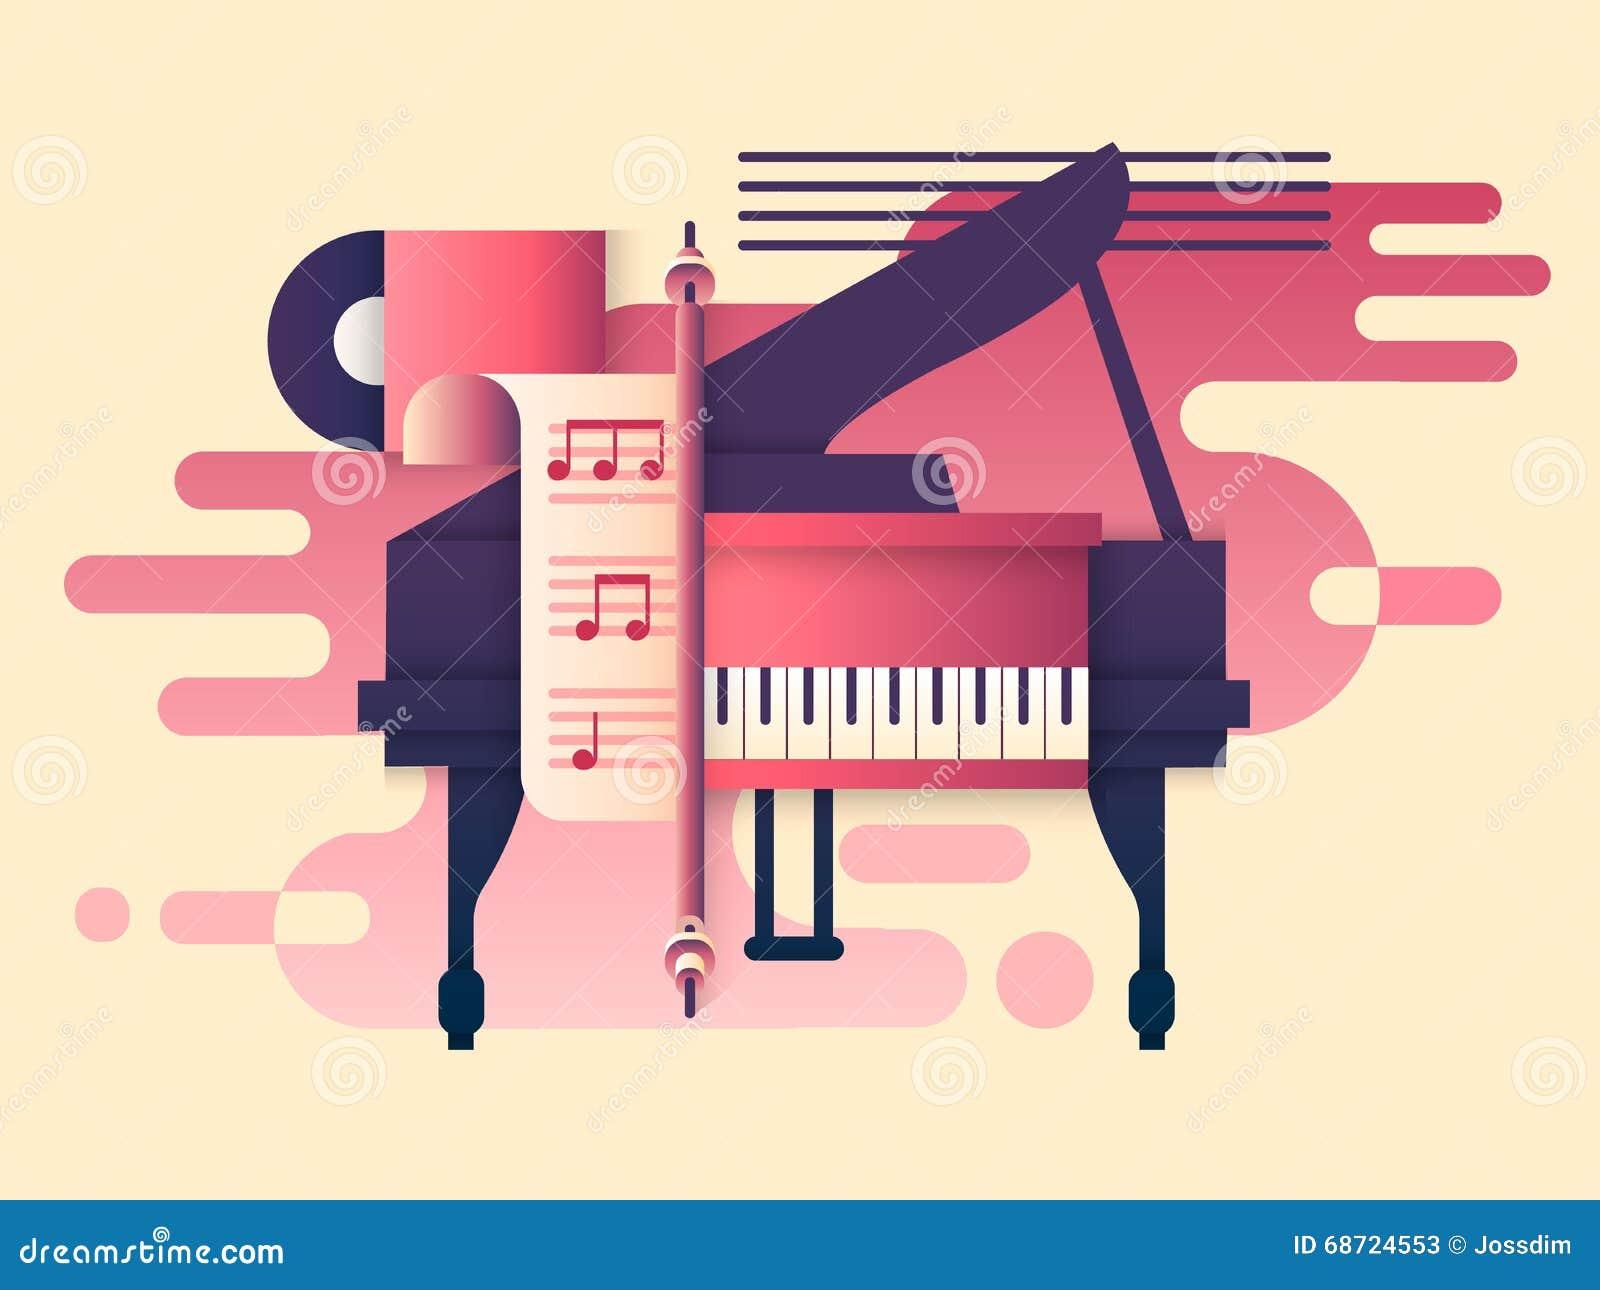 Klavierdesign flach